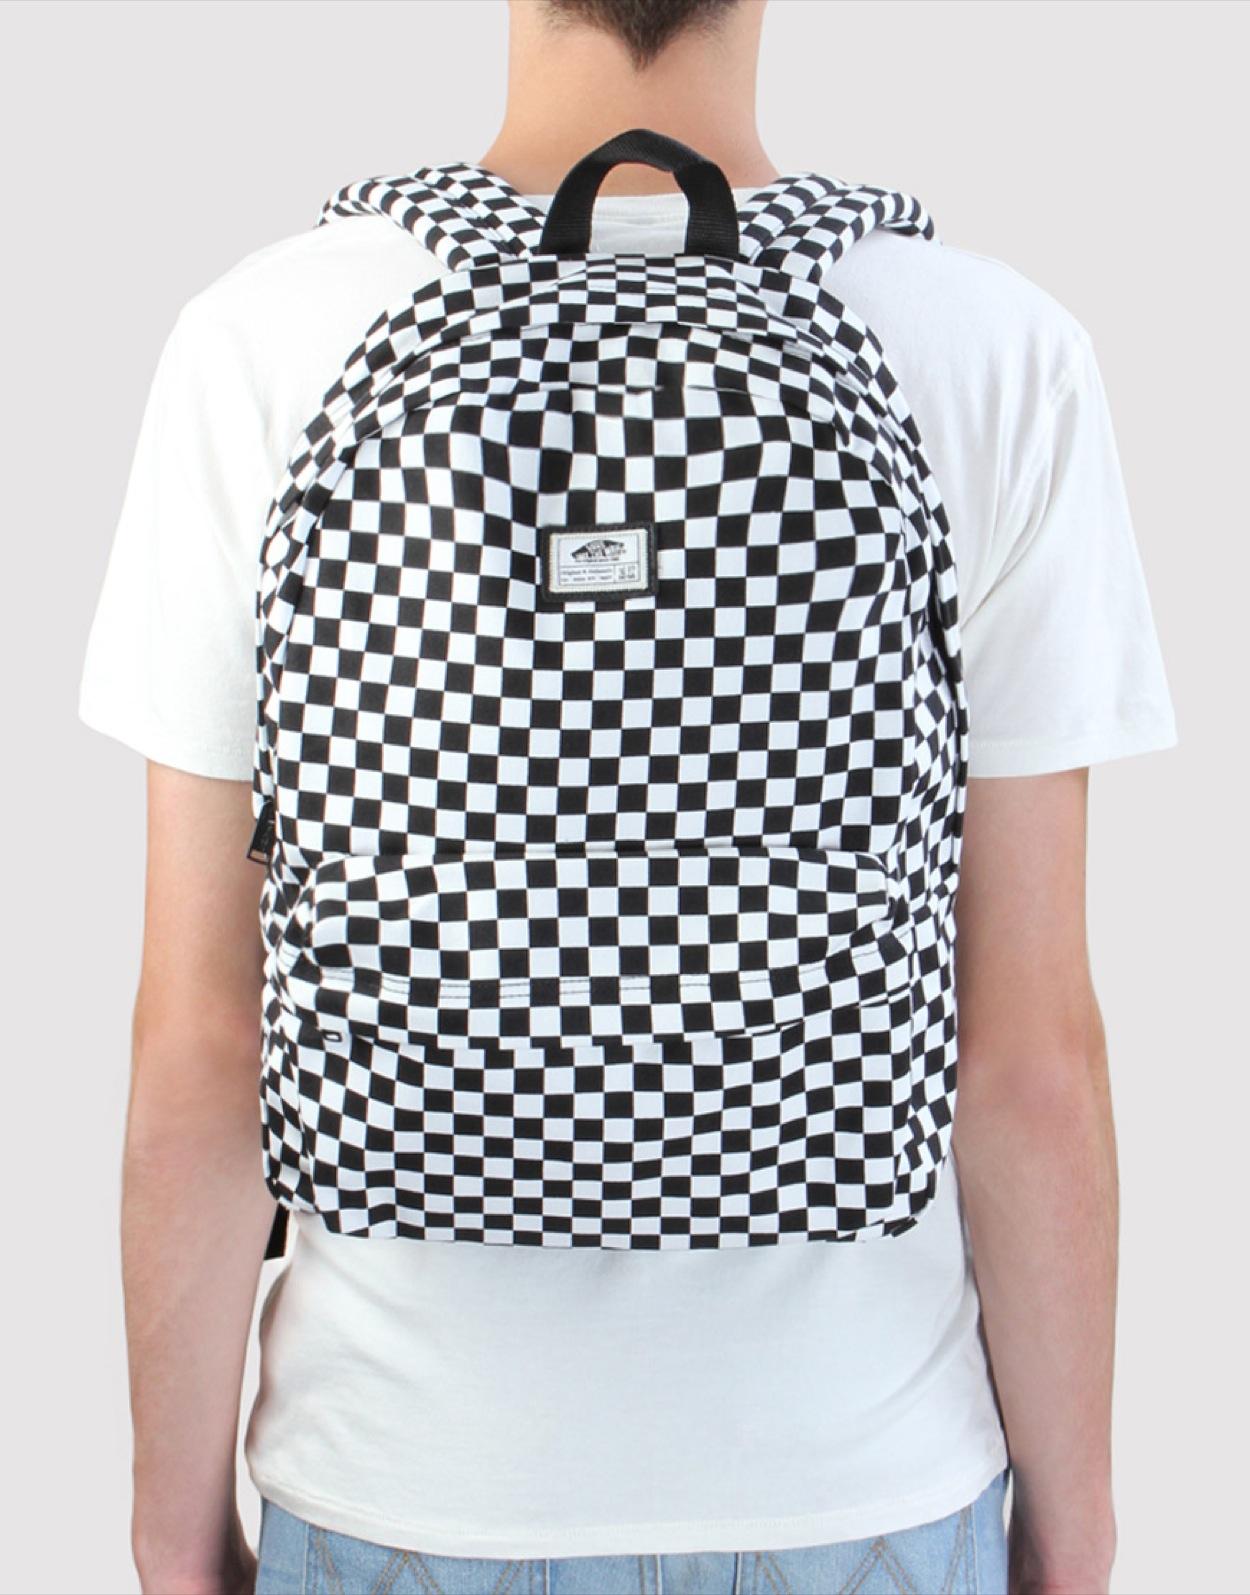 vans checkerboard backpack